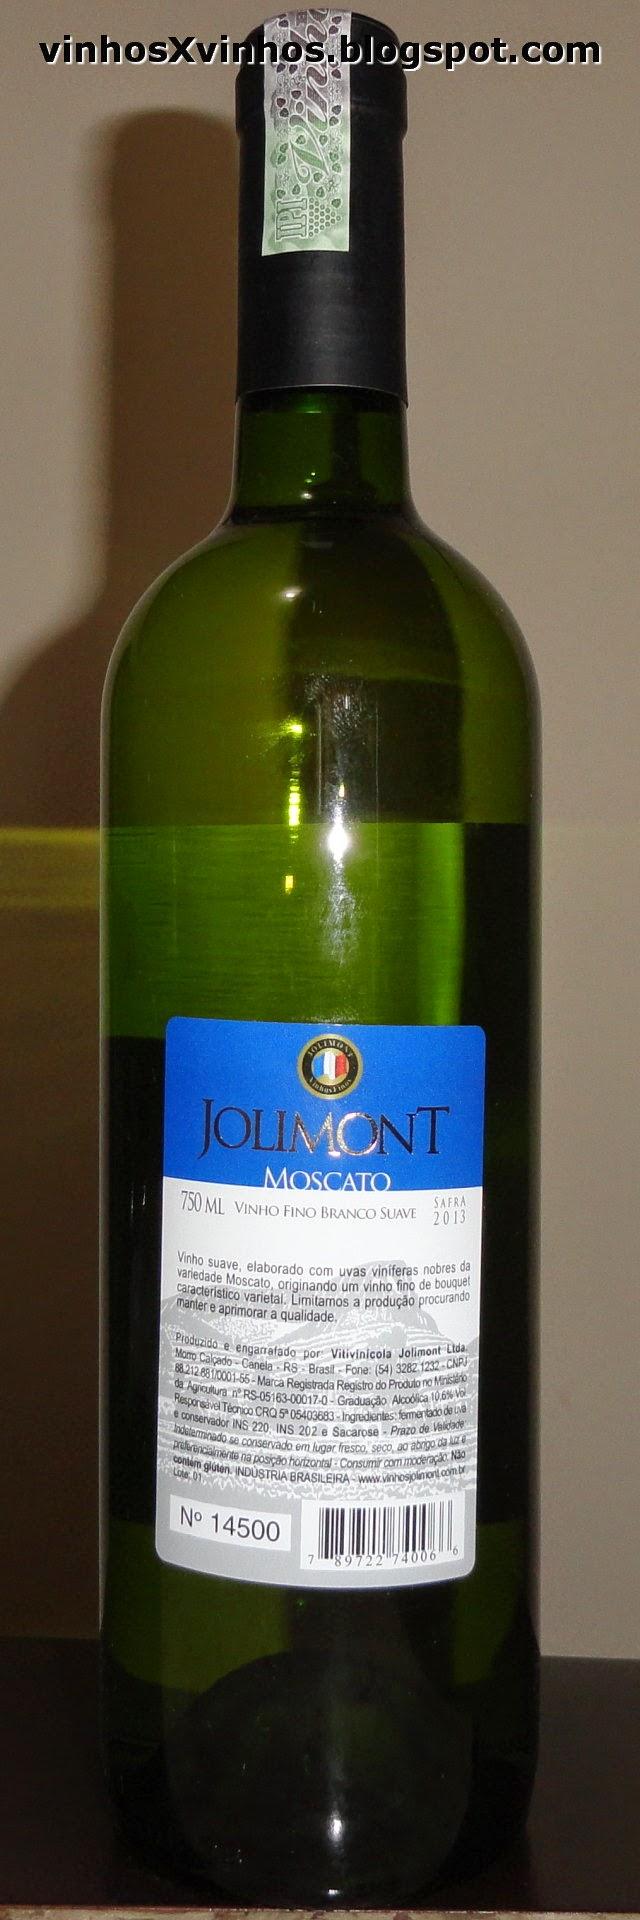 Garrafa vinho branco